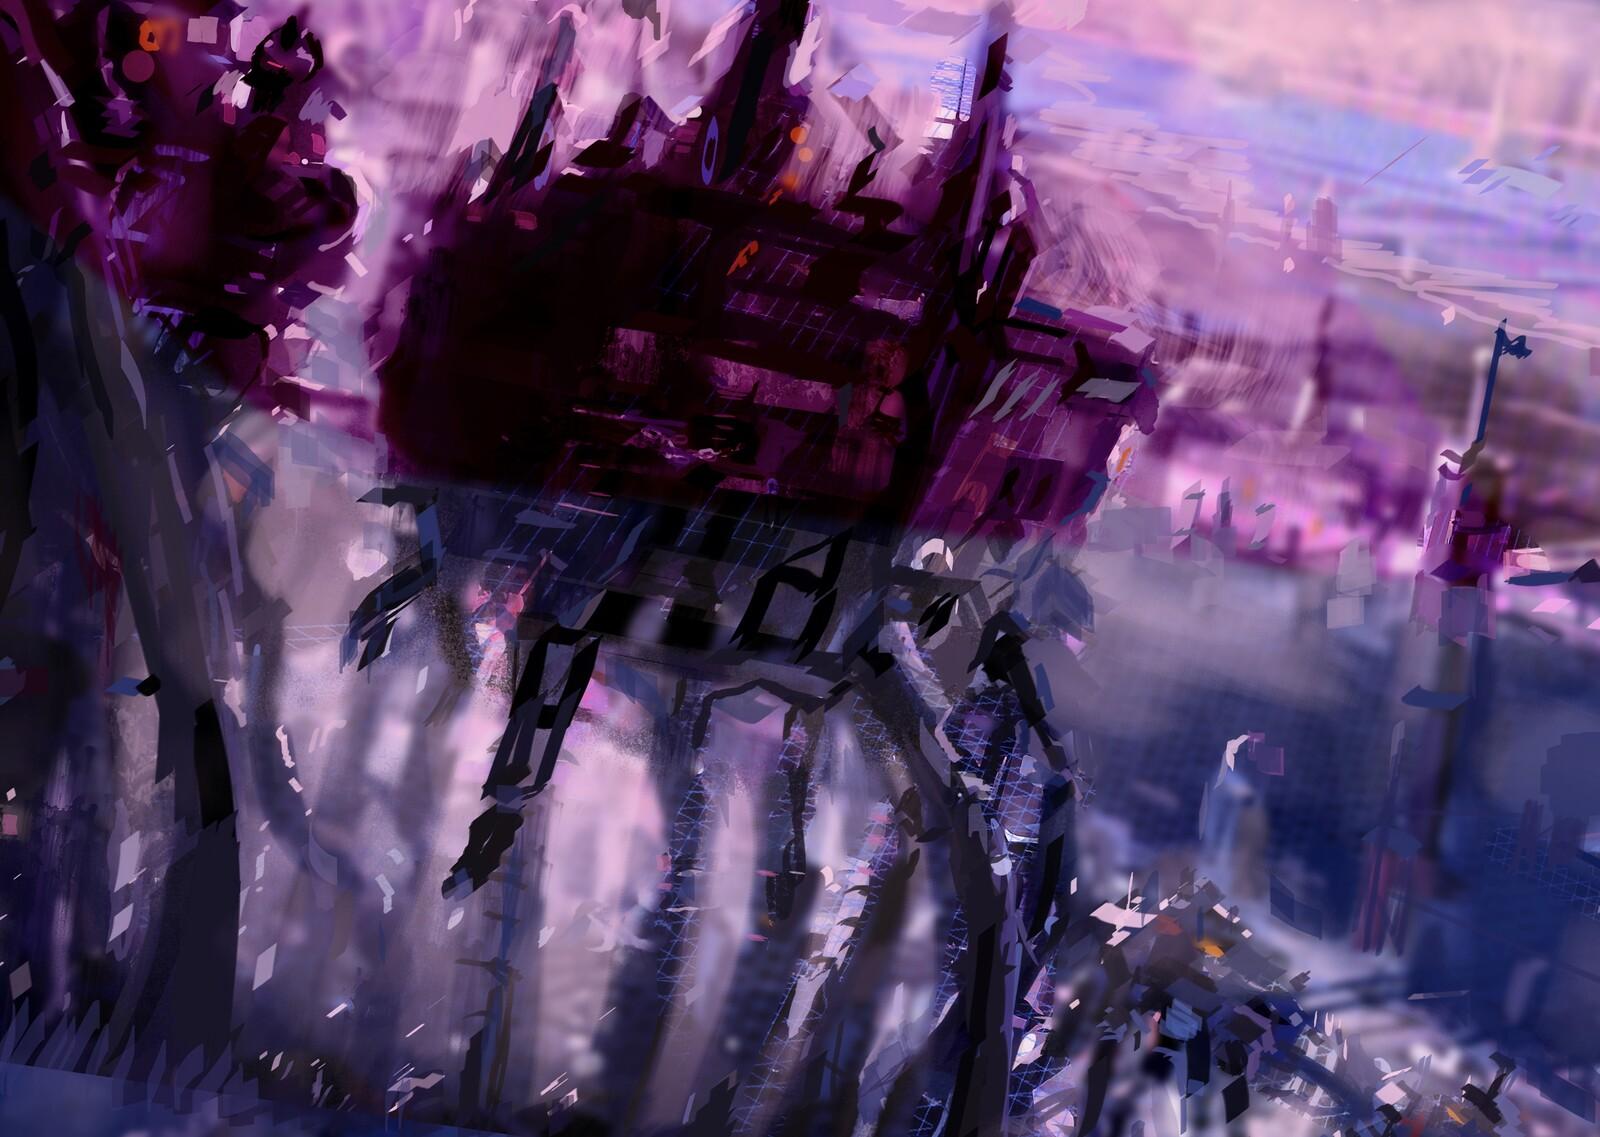 Purple Mech Walkers